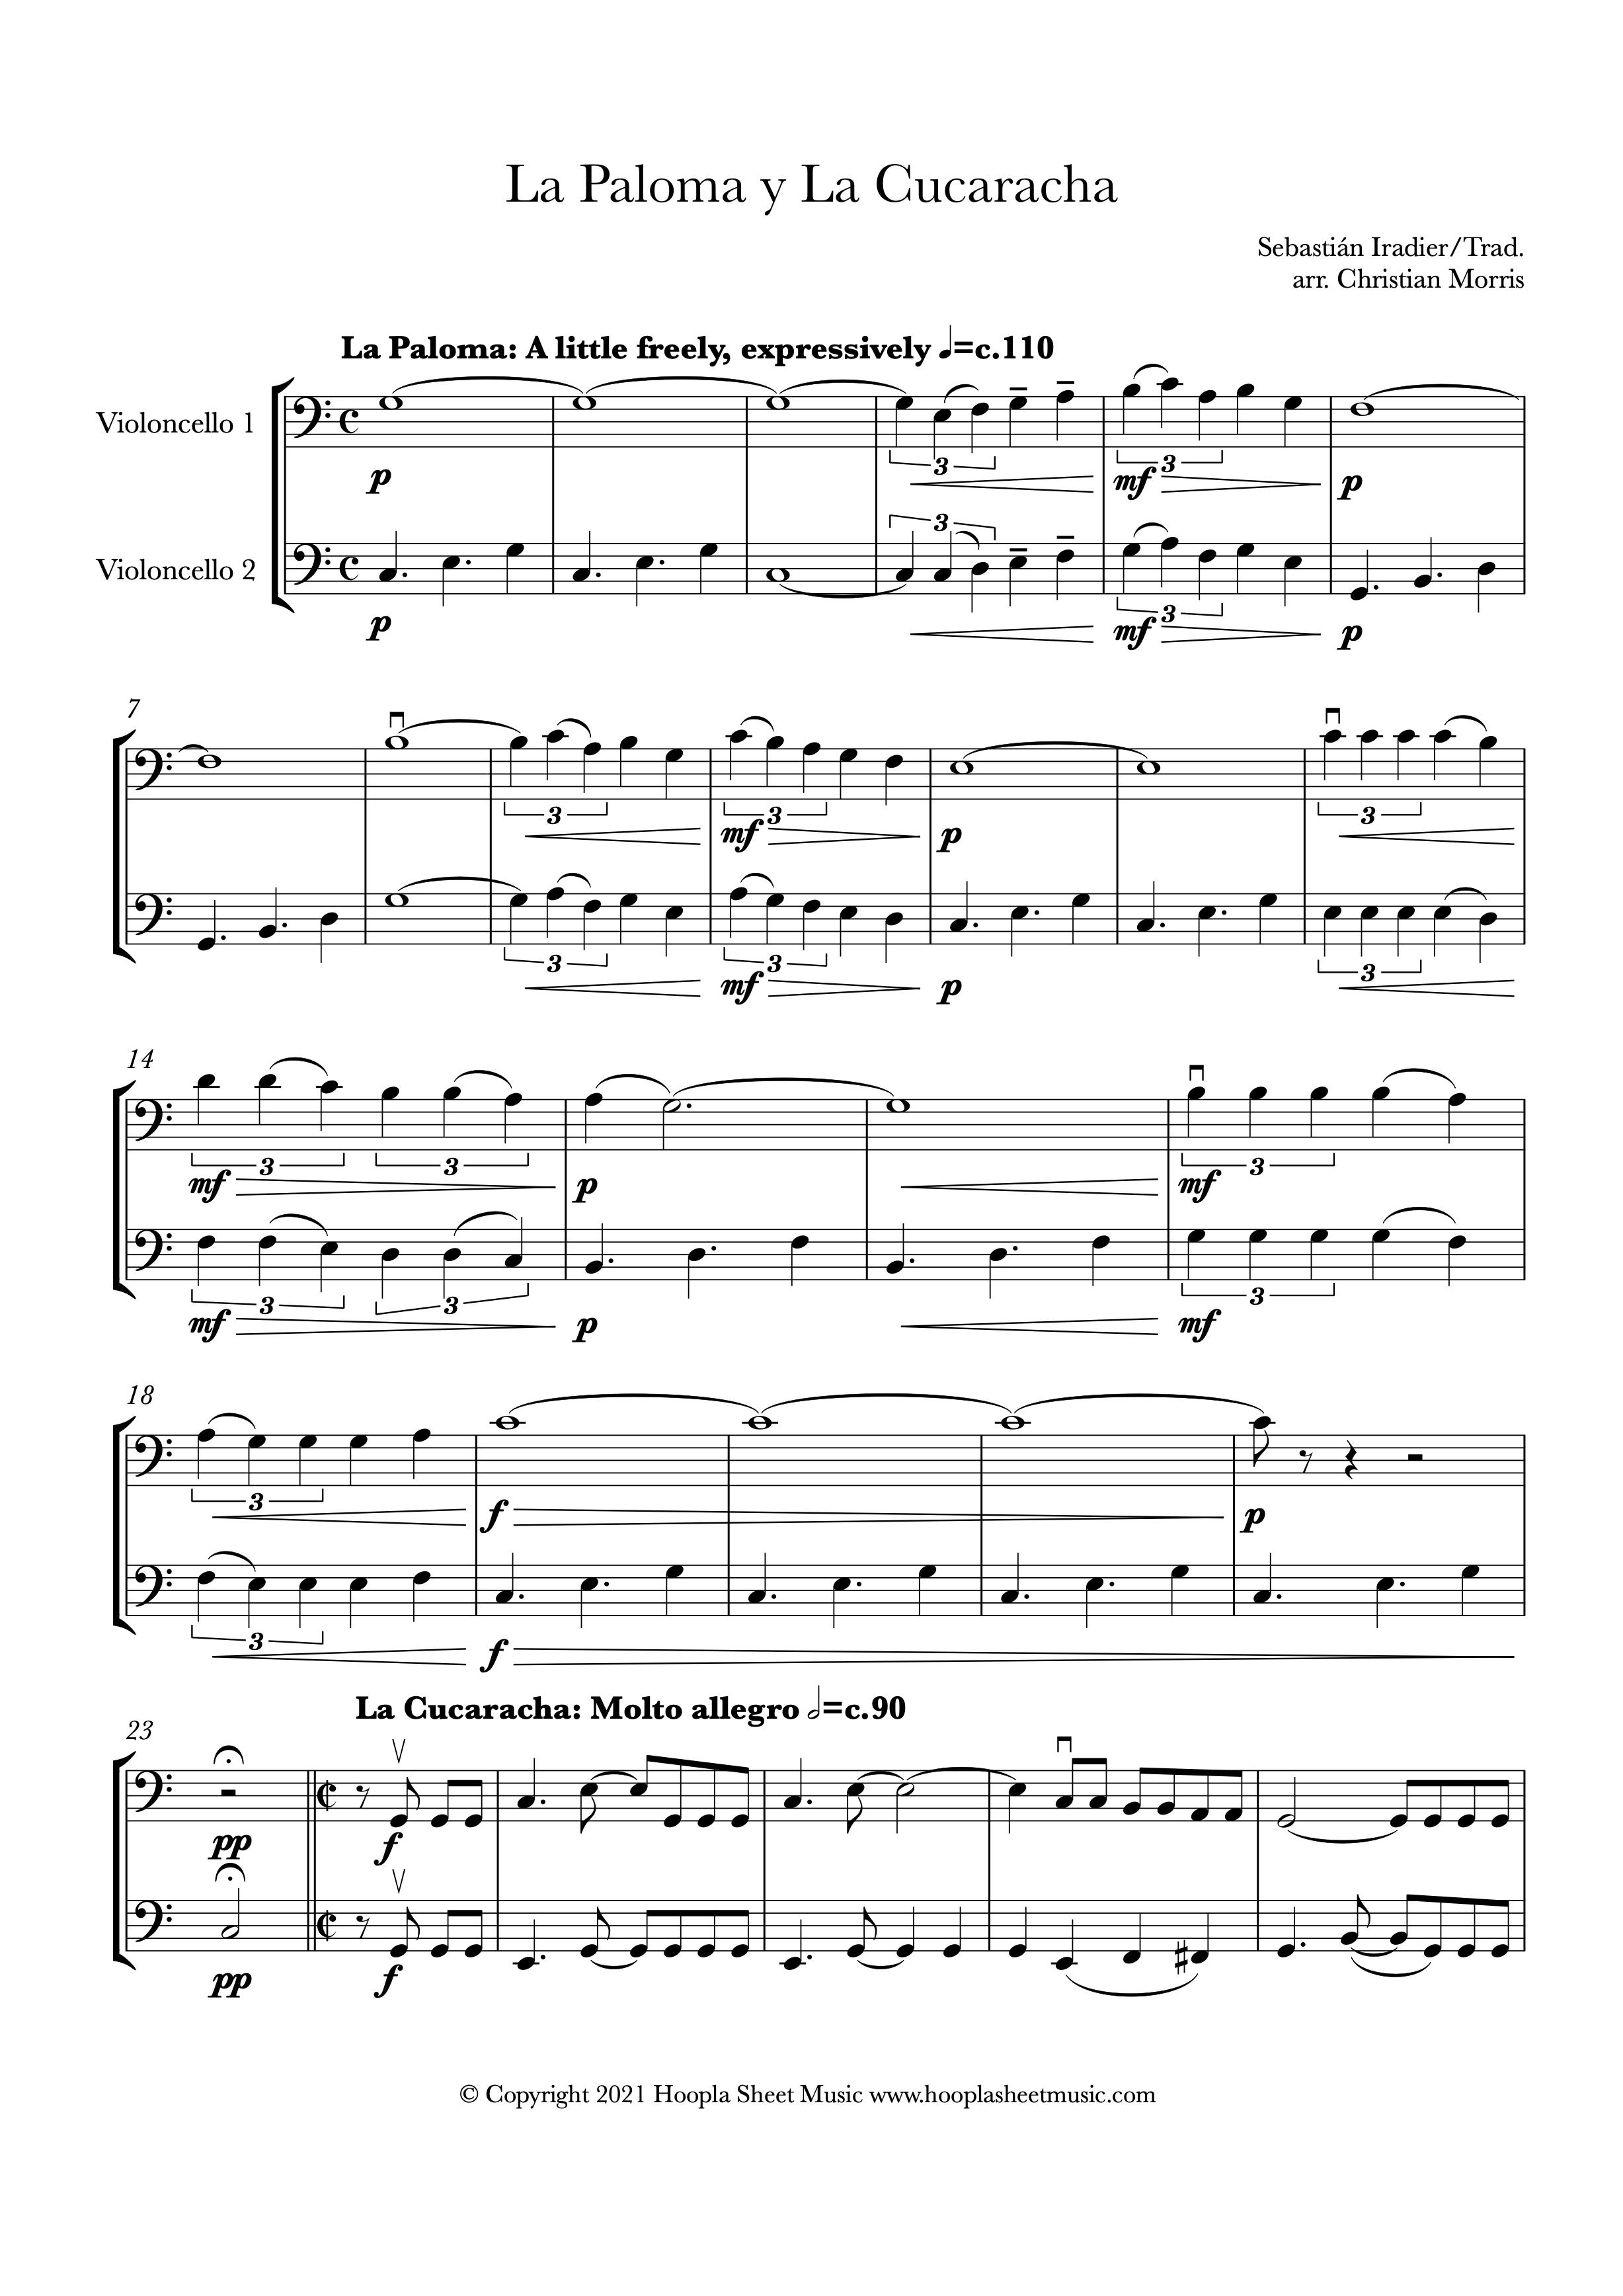 La Paloma y La Cucaracha (Cello Duet)